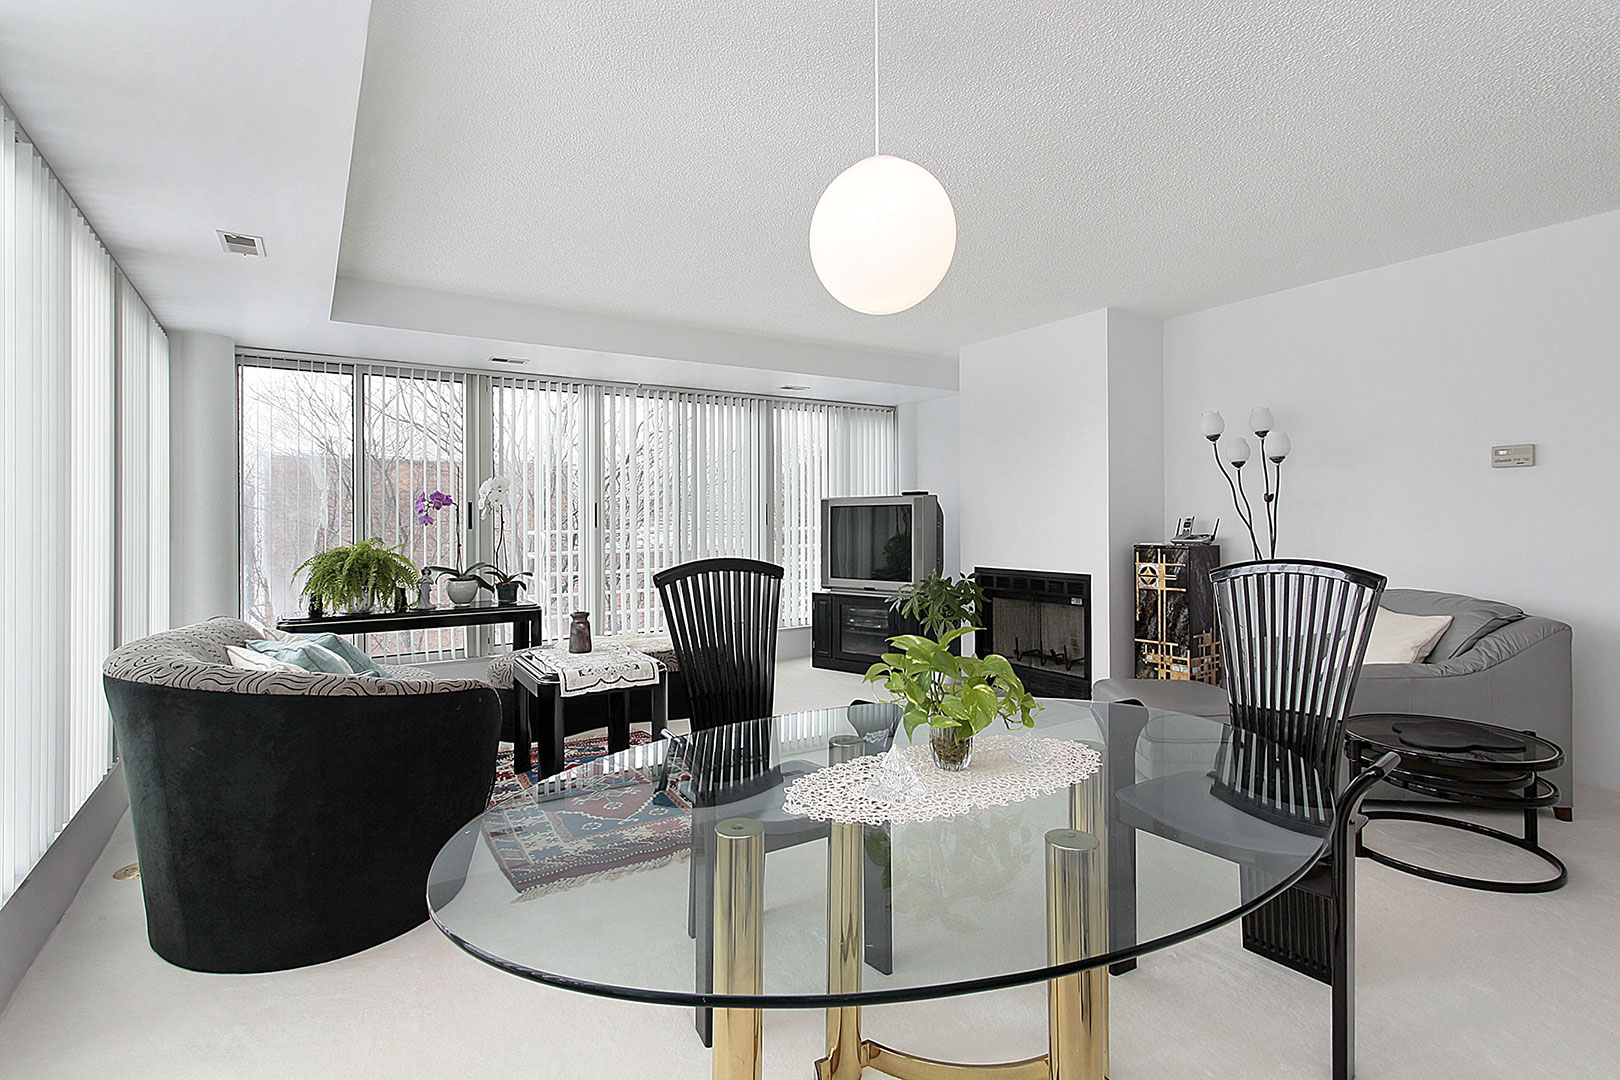 comment am nager une maison en bois. Black Bedroom Furniture Sets. Home Design Ideas